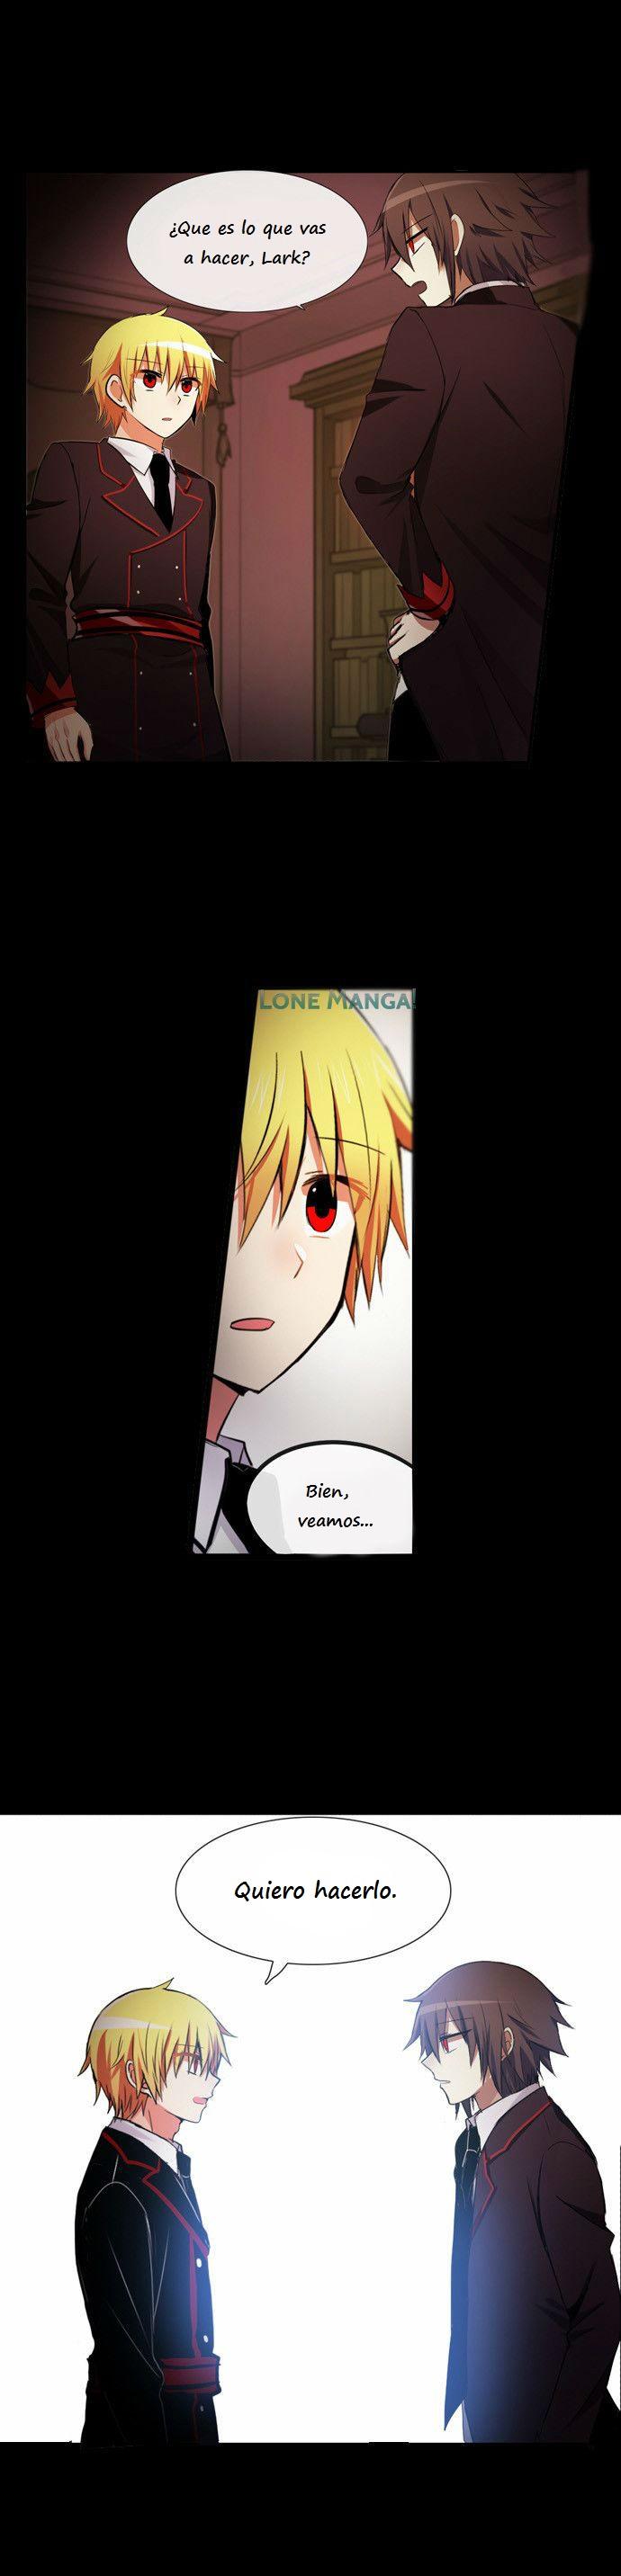 http://c5.ninemanga.com/es_manga/4/836/396437/9d2f78b13eda78c1cb7627677db9935f.jpg Page 4